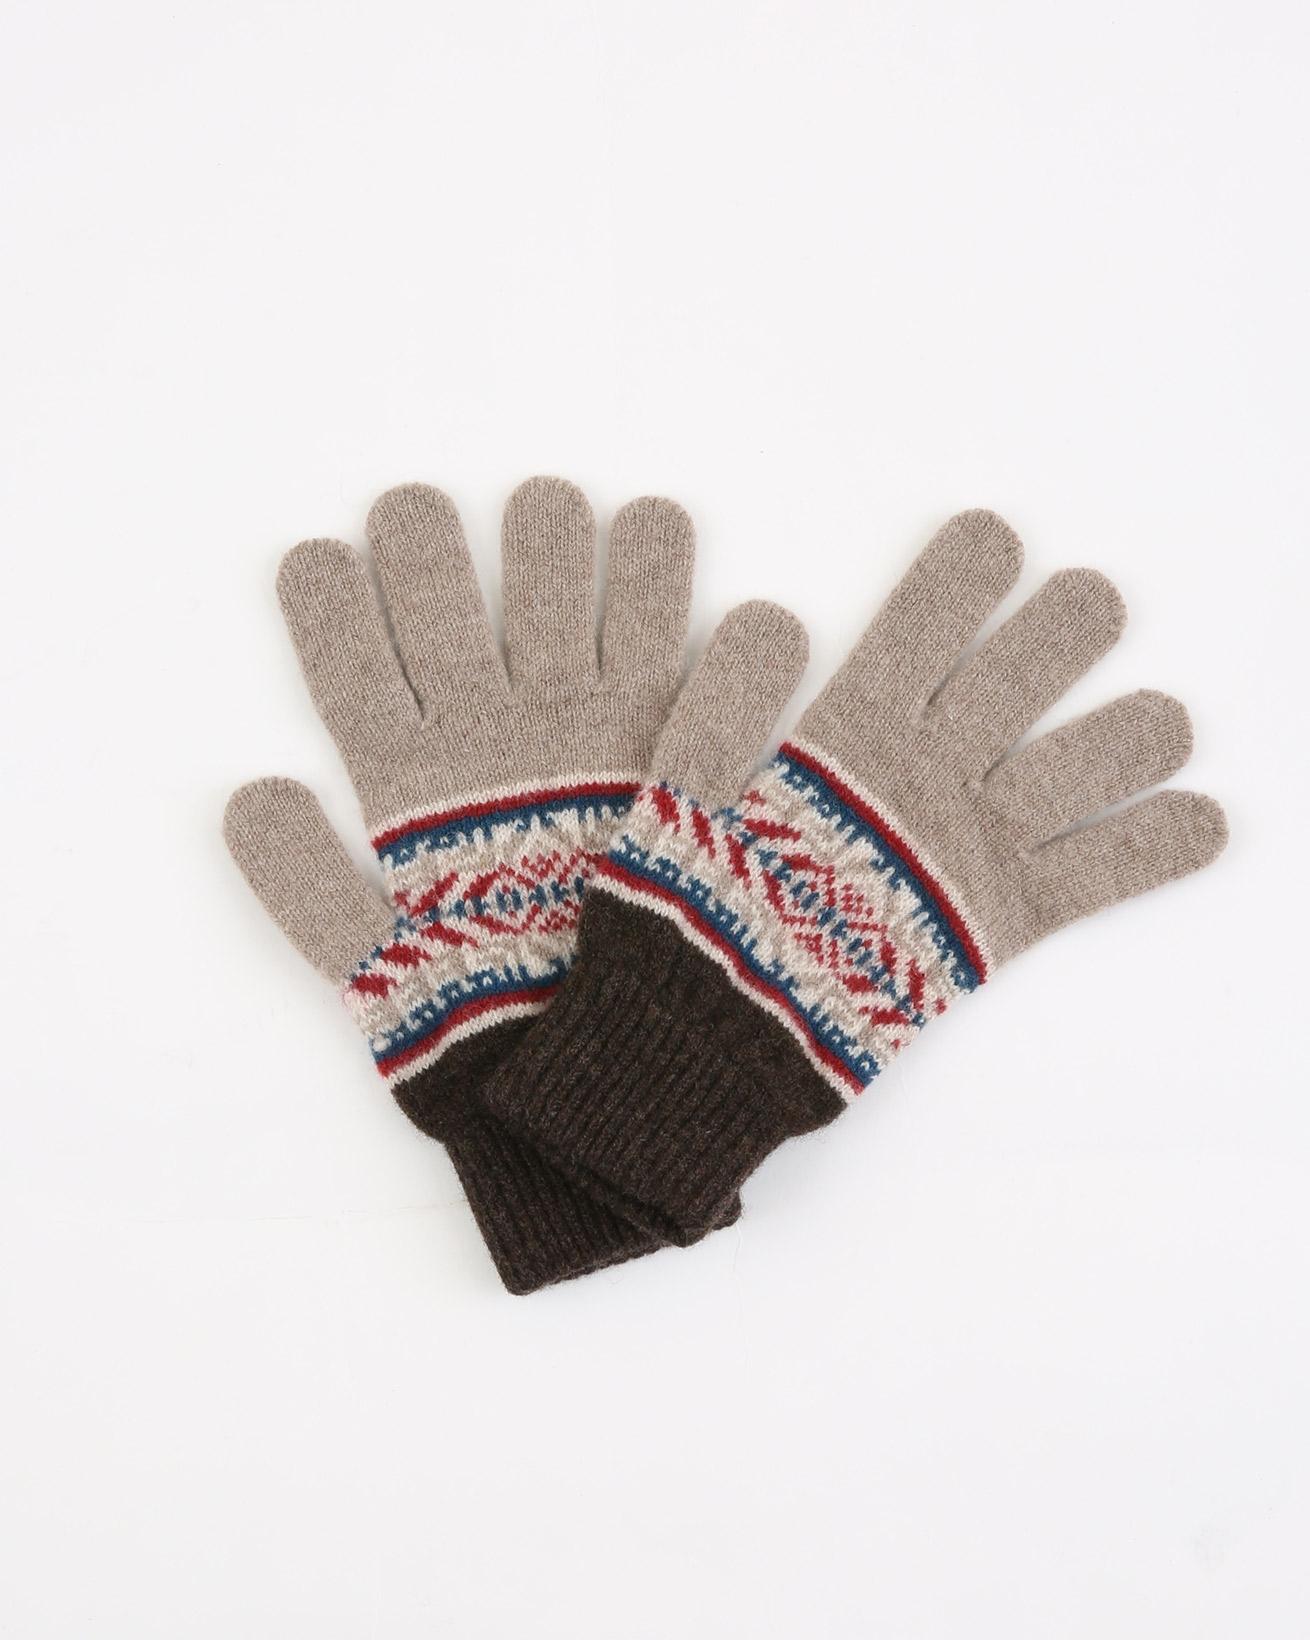 Ladies Fairisle Gloves - One Size - Brown Mix Fairisle - 1928